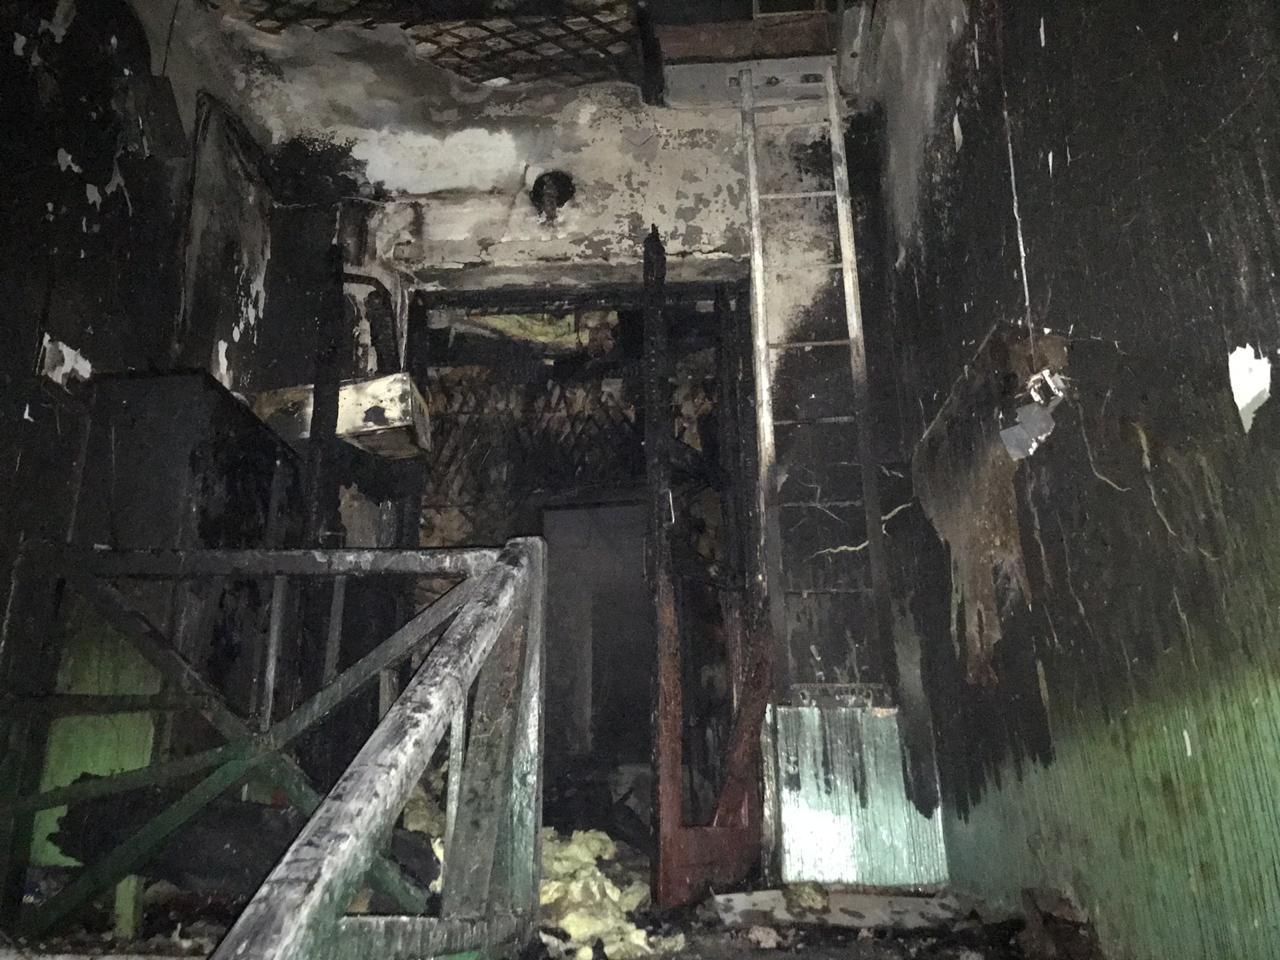 Предварительная причина пожара в поселке Северка – неисправность электропроводки